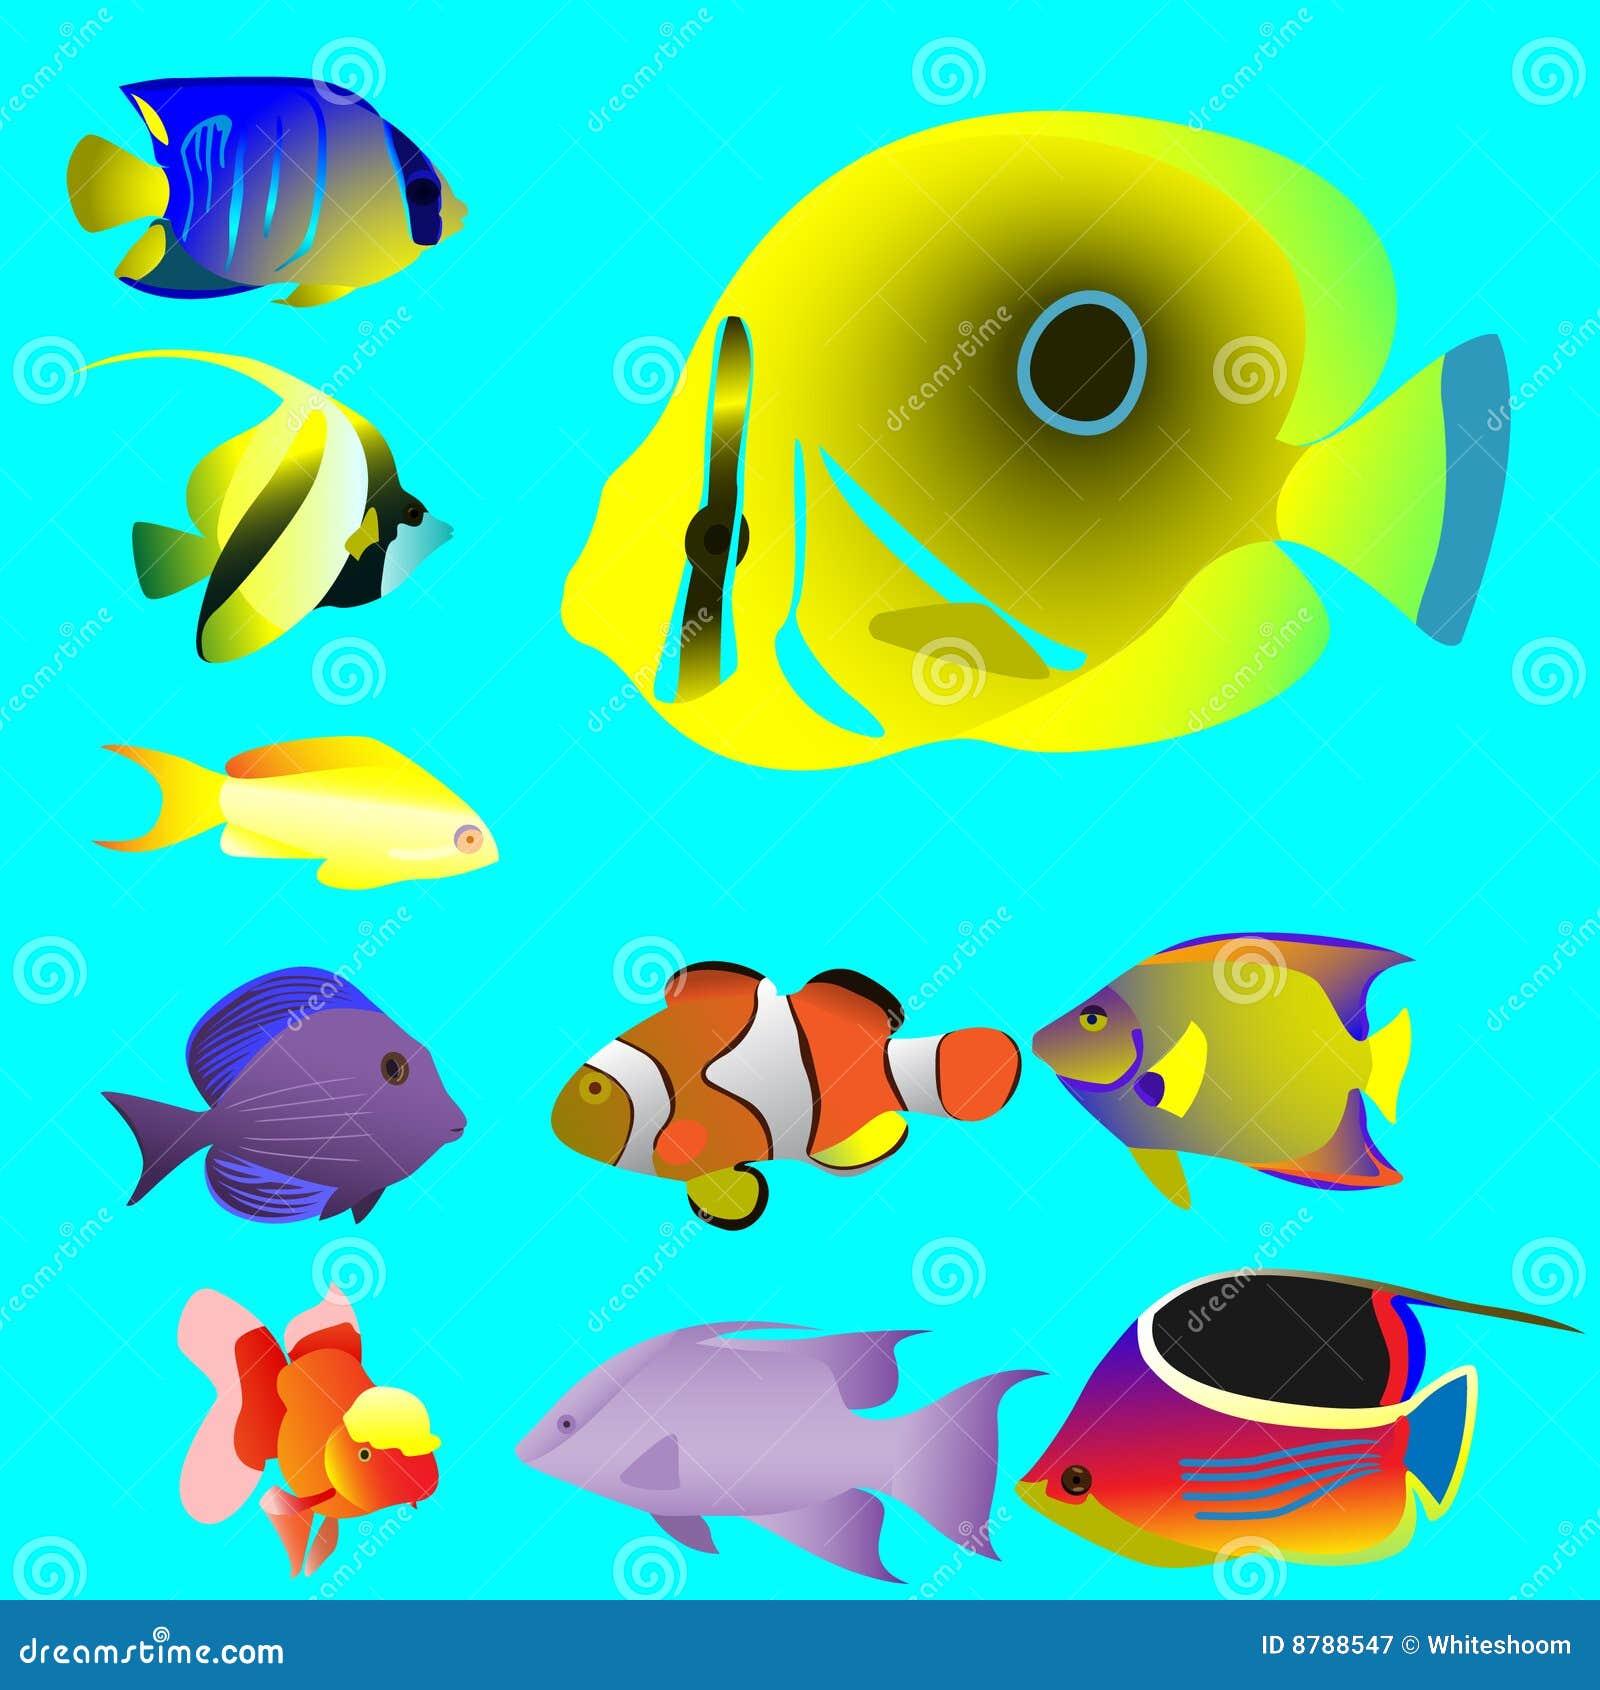 10 helle ozeanische kleine fische vektor abbildung for Kleine fische